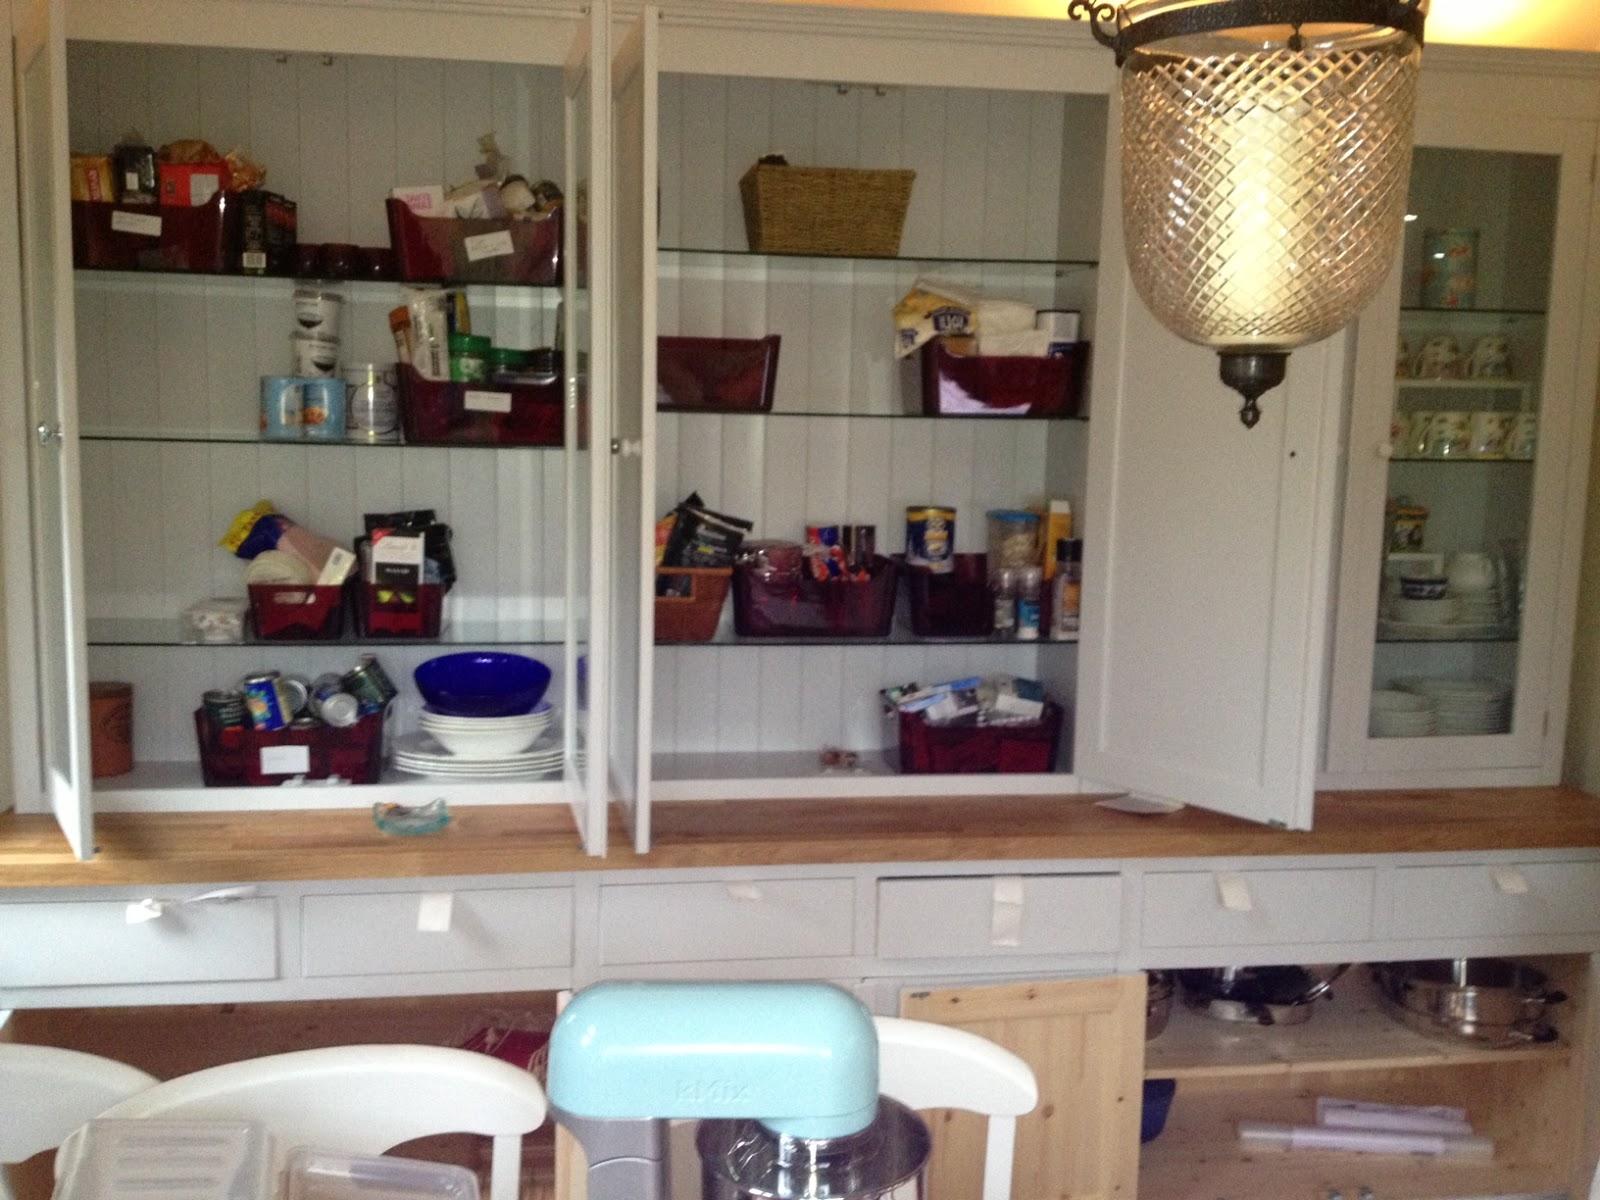 Ikea Kitchen Taps Singapore